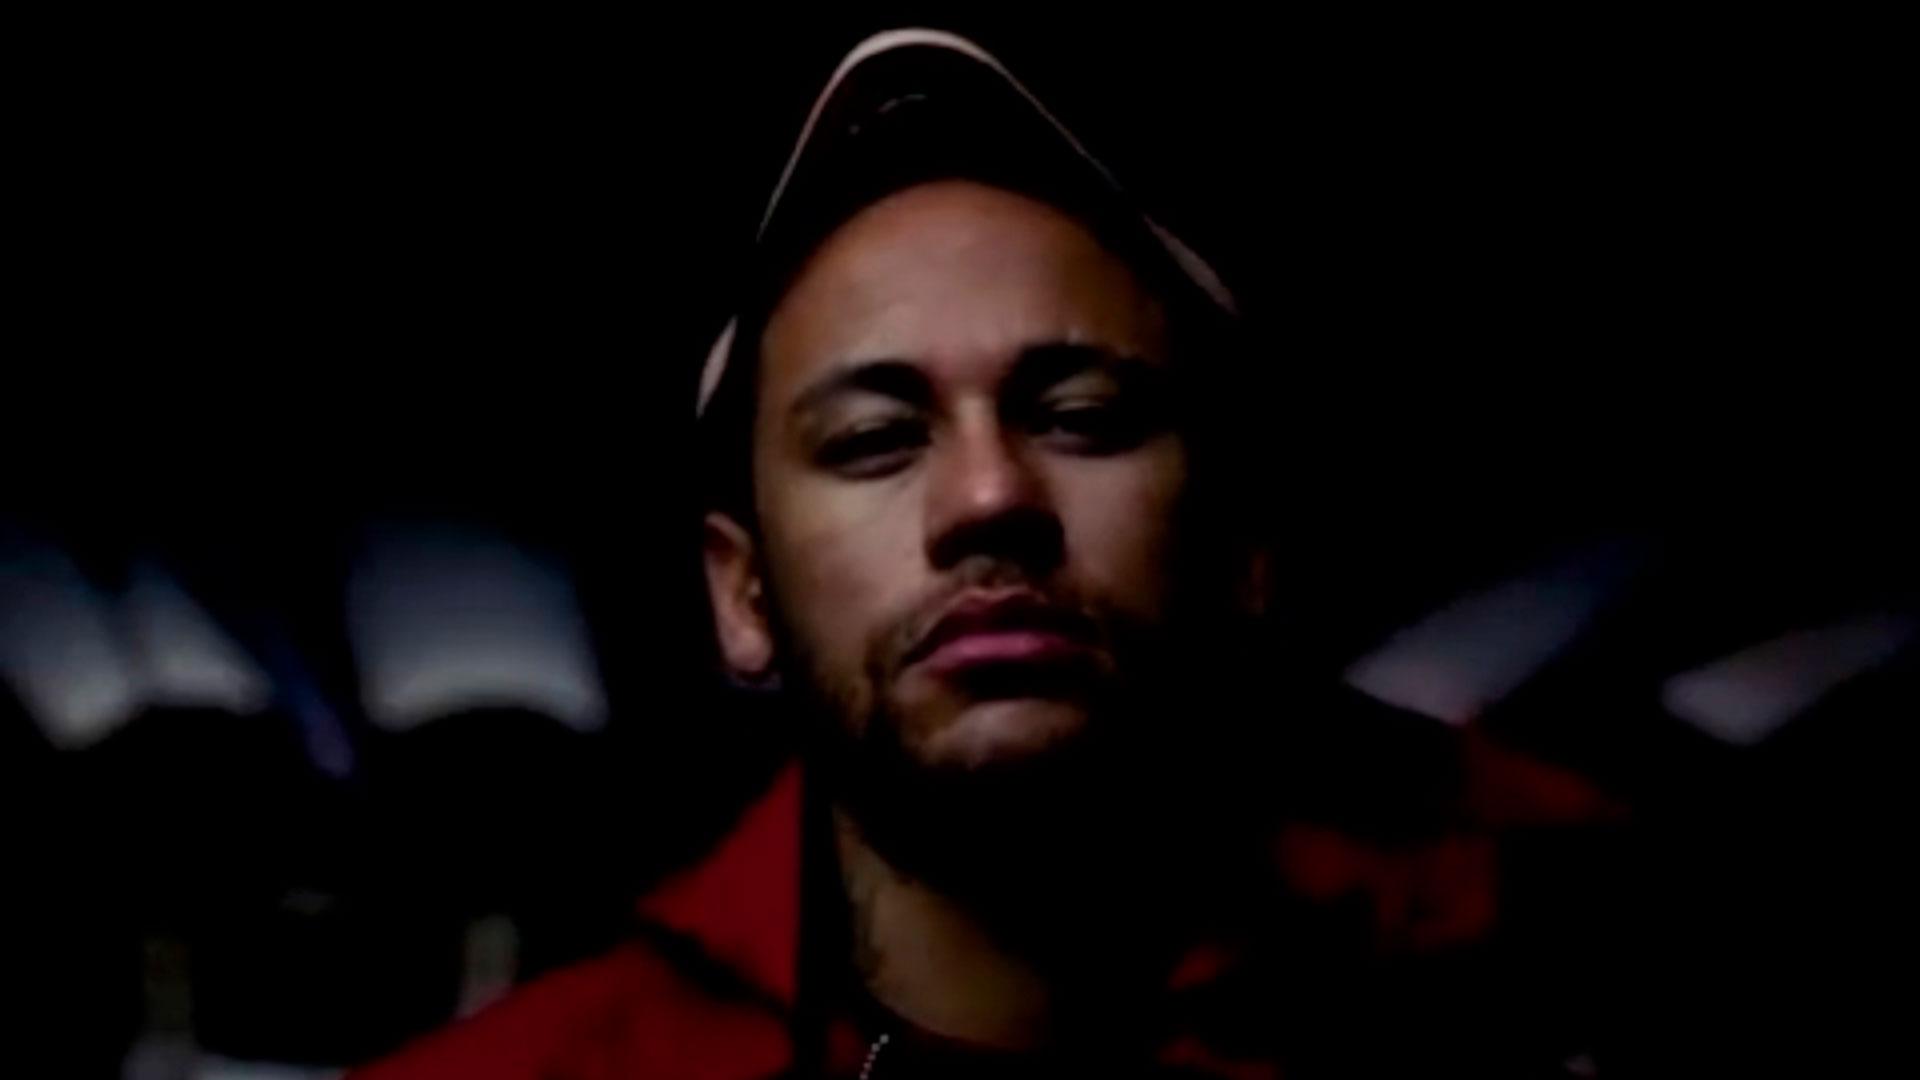 Neymar Aparecerá En La Tercera Temporada De La Casa De